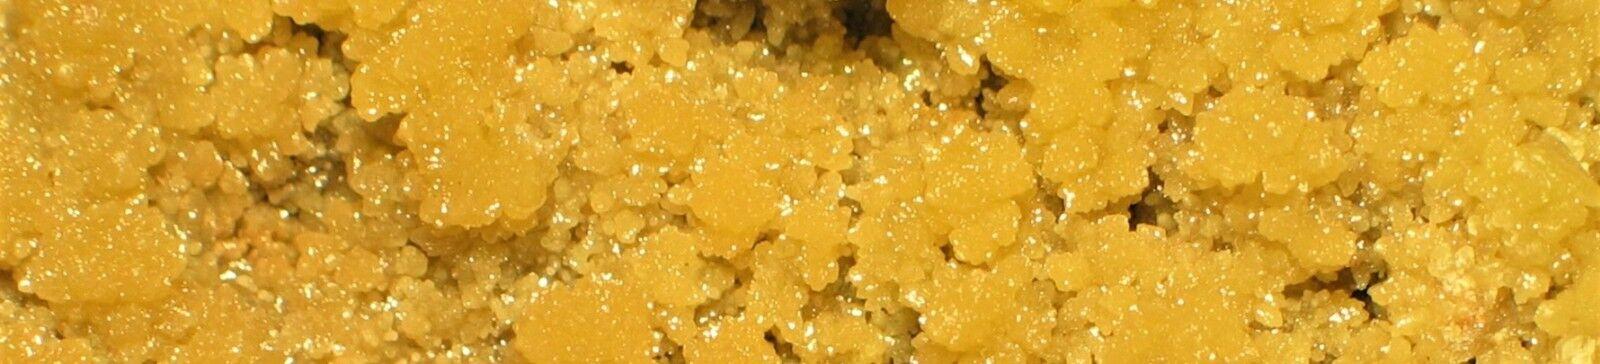 STEIN-REICH Minerals